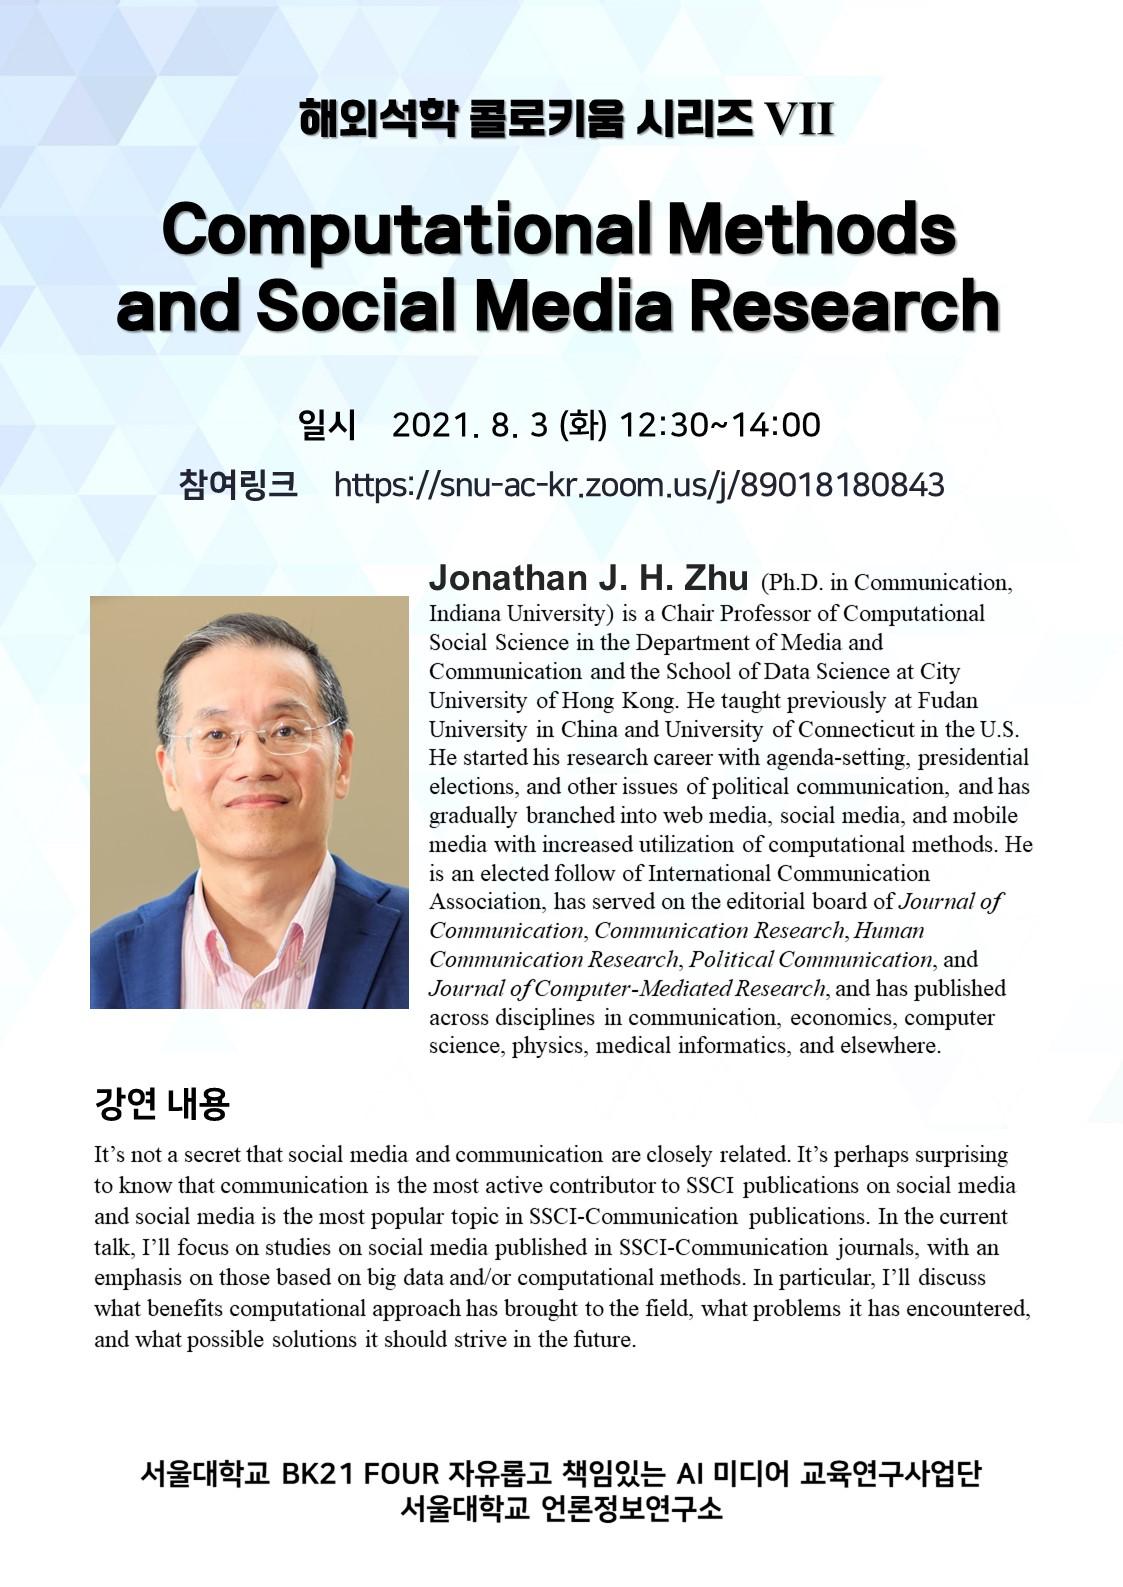 언론정보학 해외석학 콜로키움: 8/3 (화) < Jonathan J. H. Zhu: Computational Methods and Social Media Research